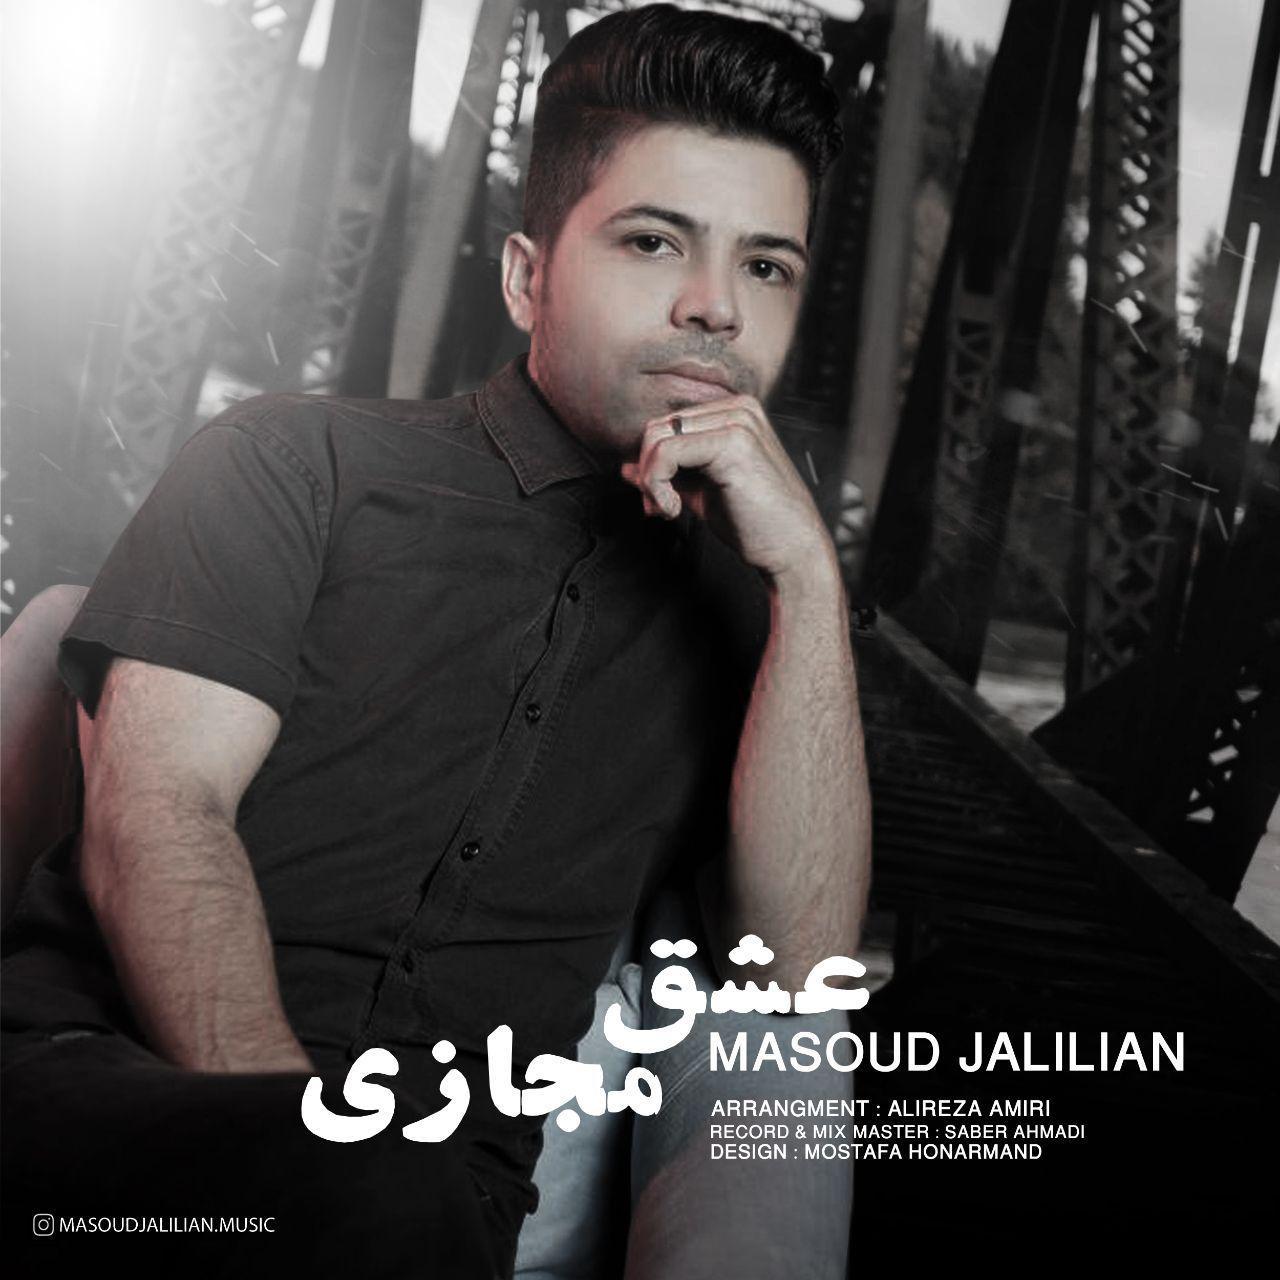 دانلود آهنگ جدید مسعود جلیلیان به نام عشق مجازی